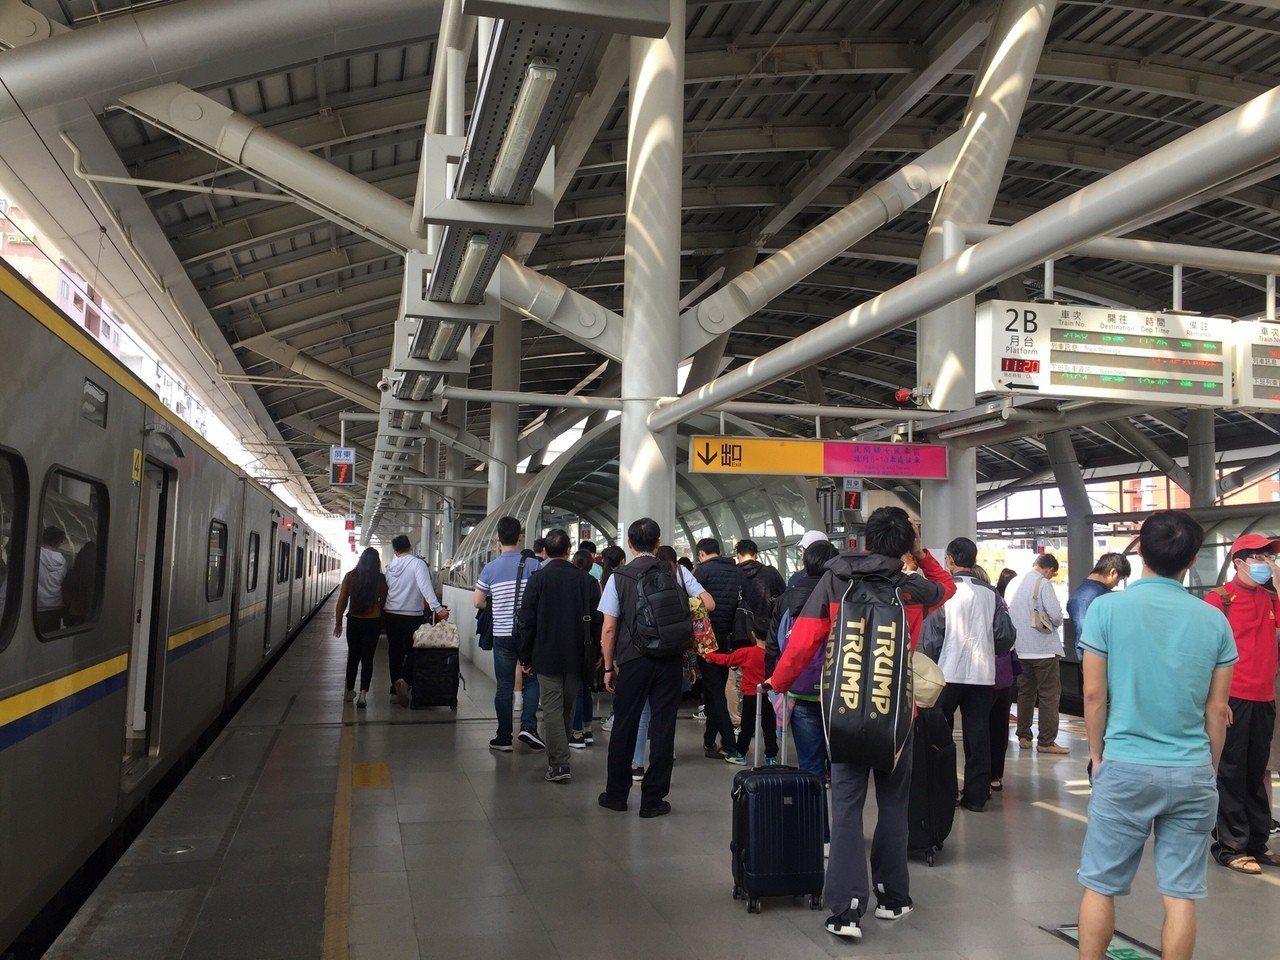 台鐵屏東站每天進出旅客各約一萬餘人次。圖/本報資料照